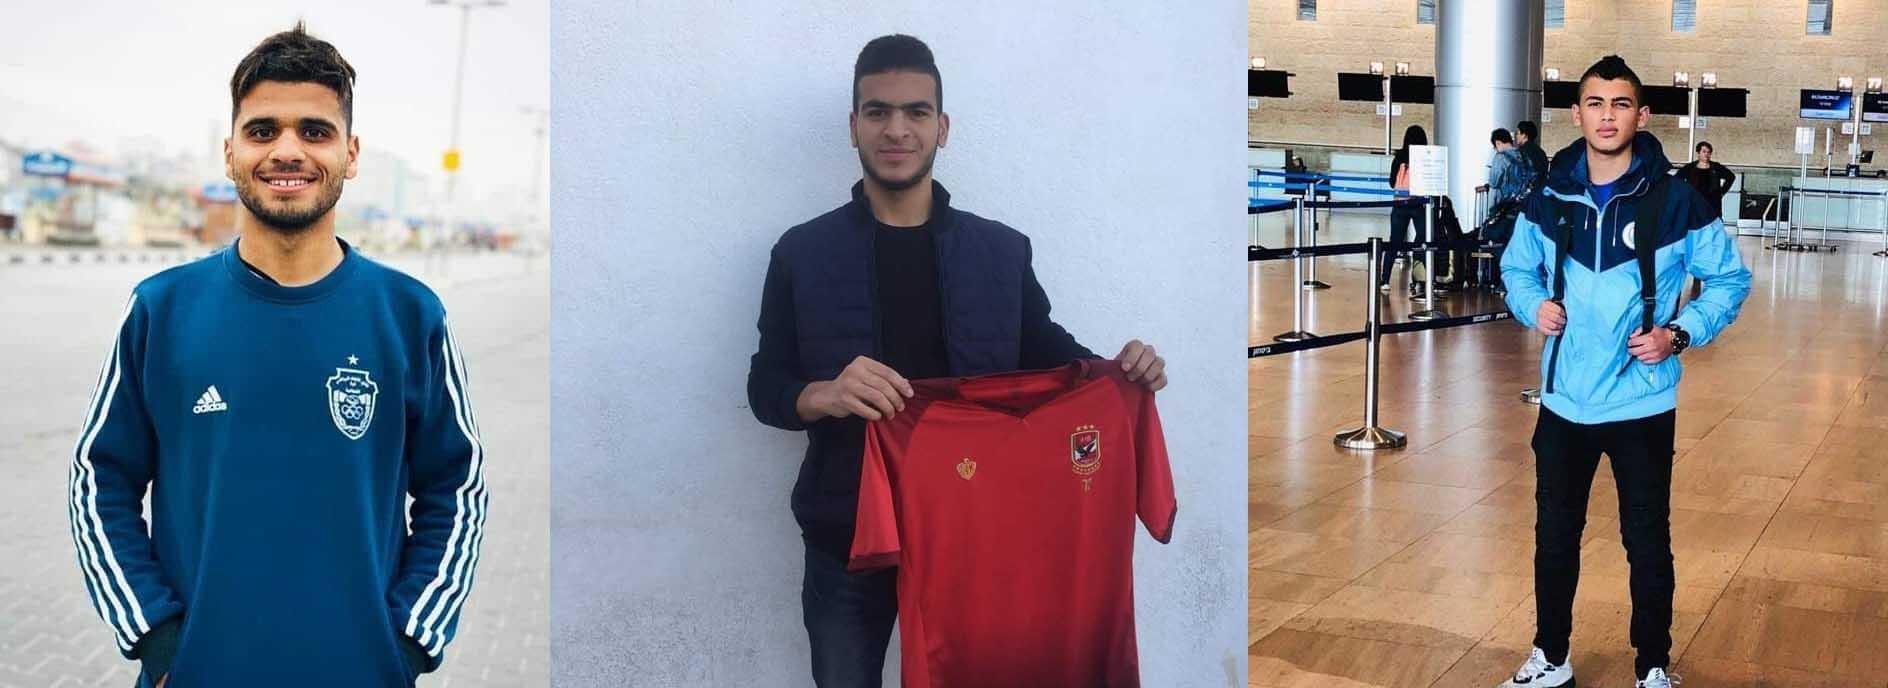 لاعبان فلسطينيان يلتحقان بالأهلي المصري وثالث مع ريال مدريد الإسباني